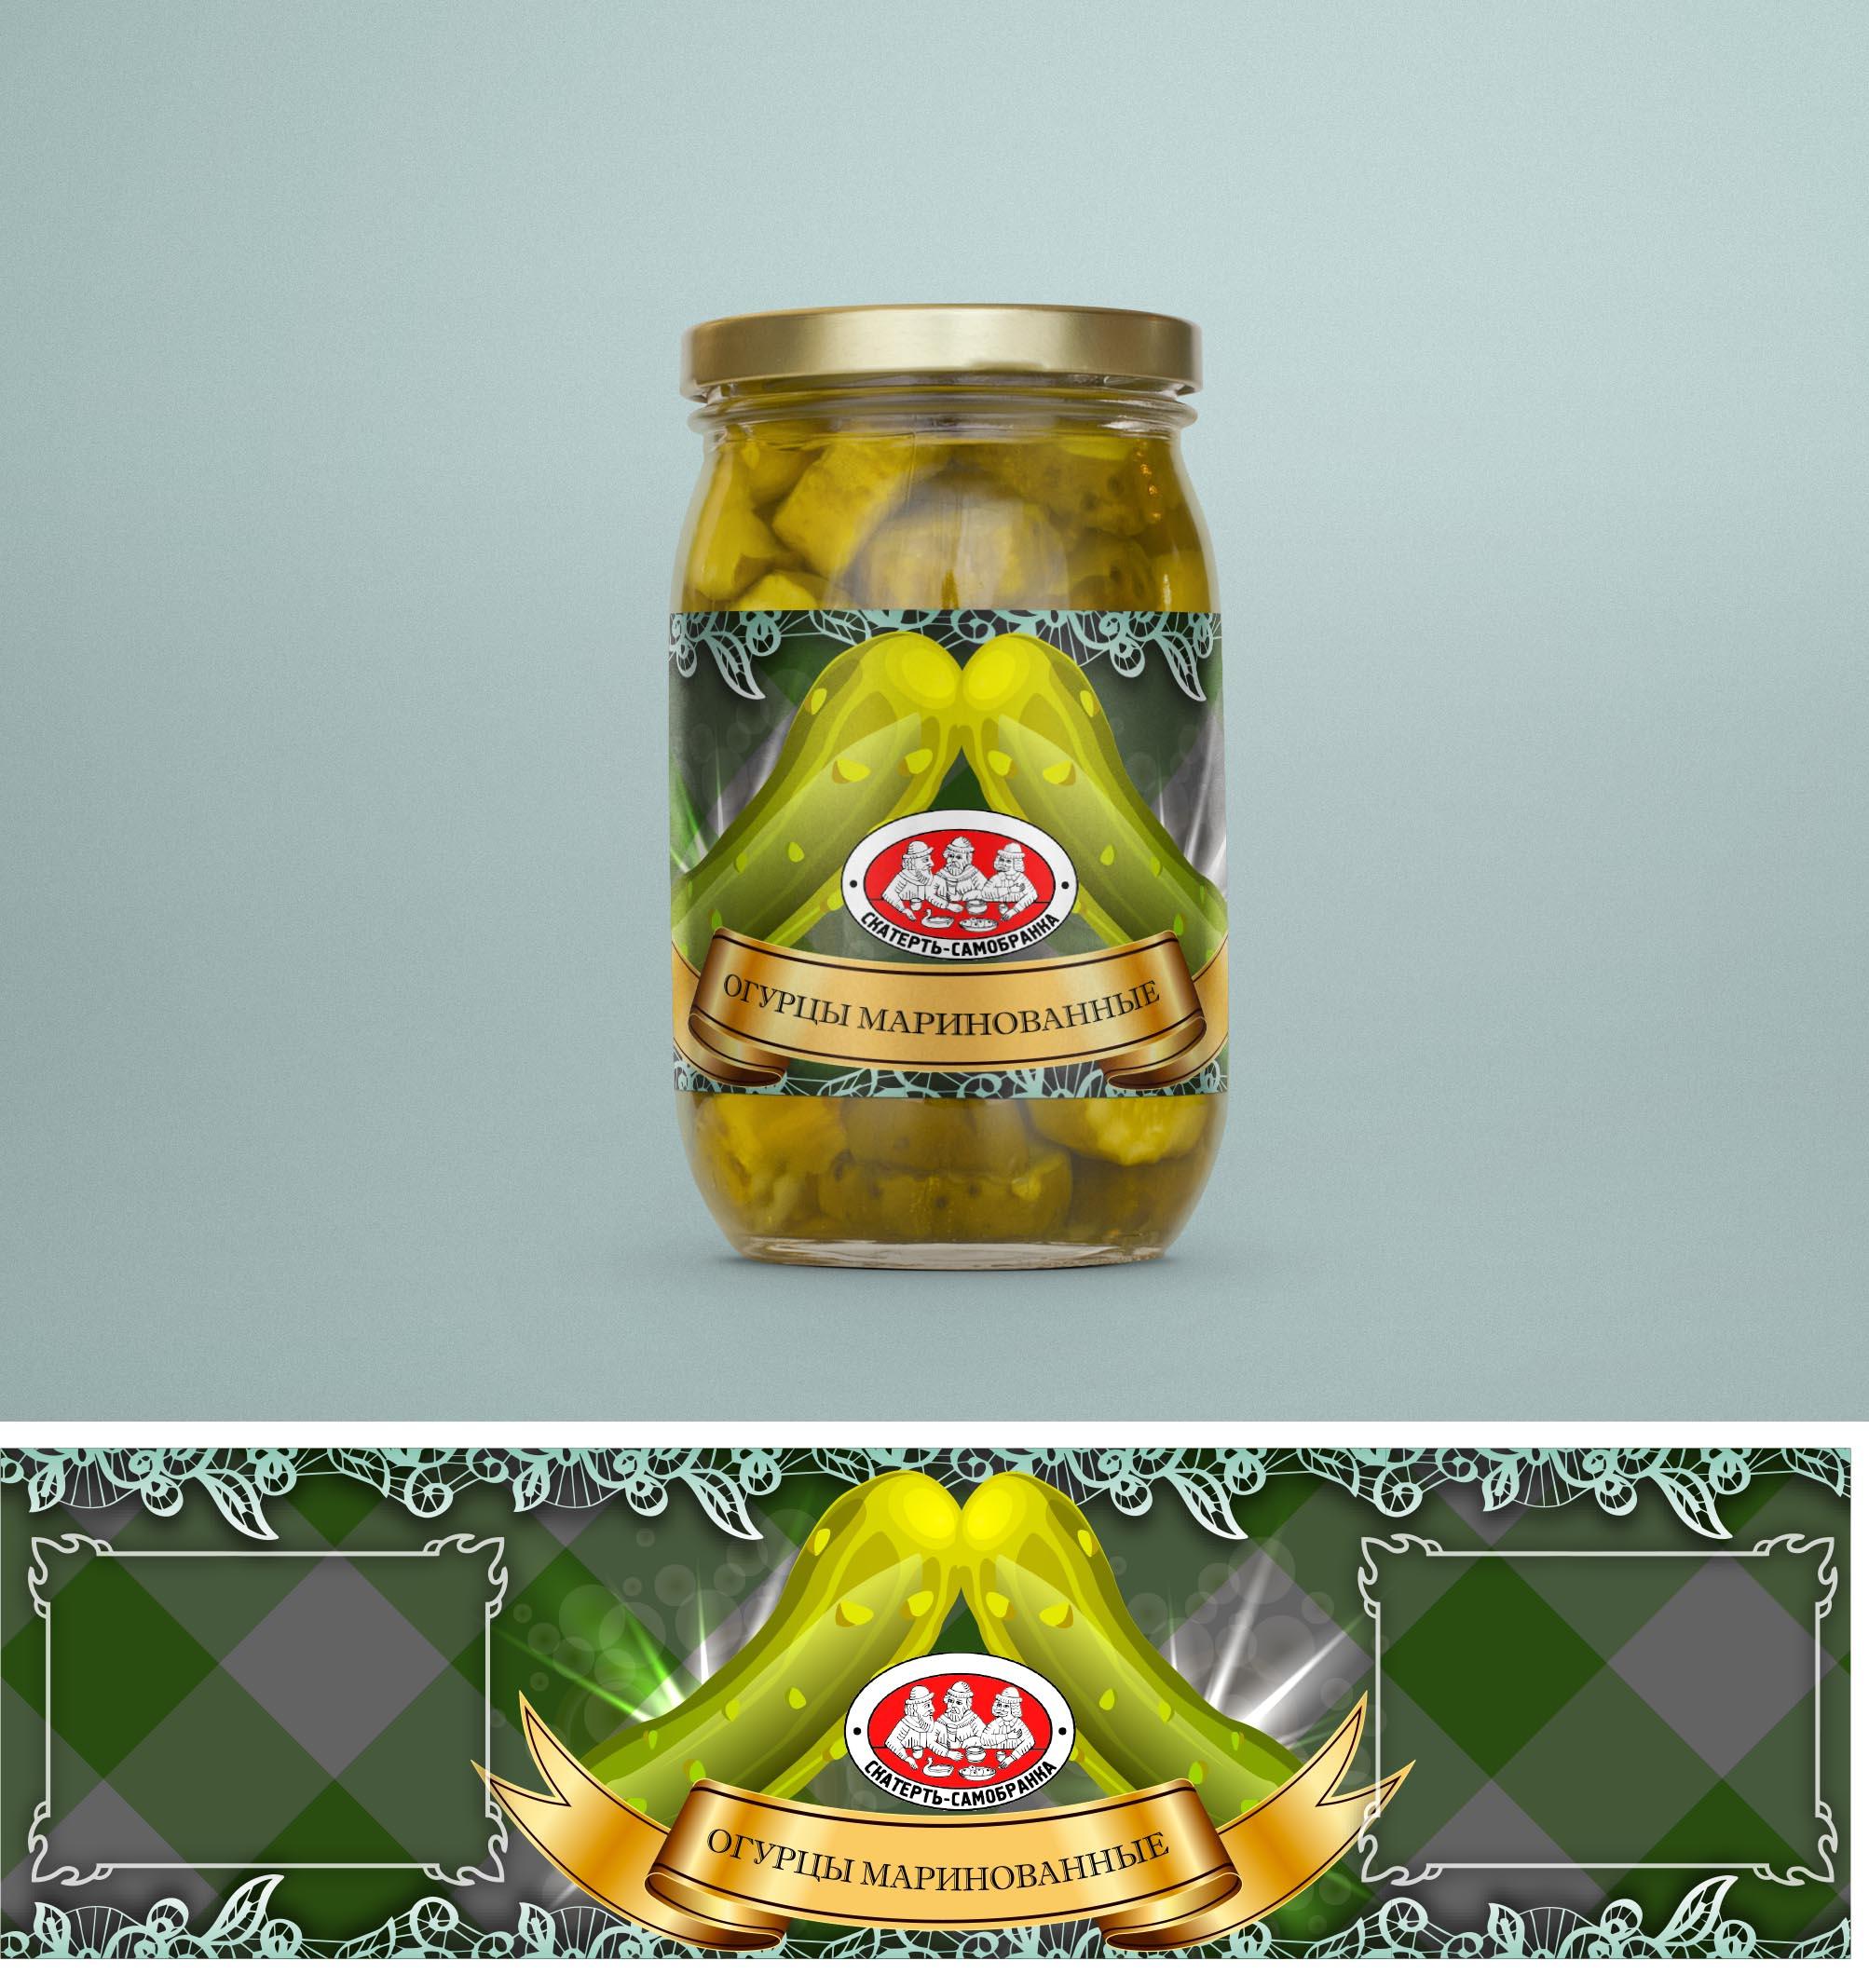 Разработка дизайна этикетки (рестайлинг имеющегося бренда) фото f_455594a707ab9504.jpg